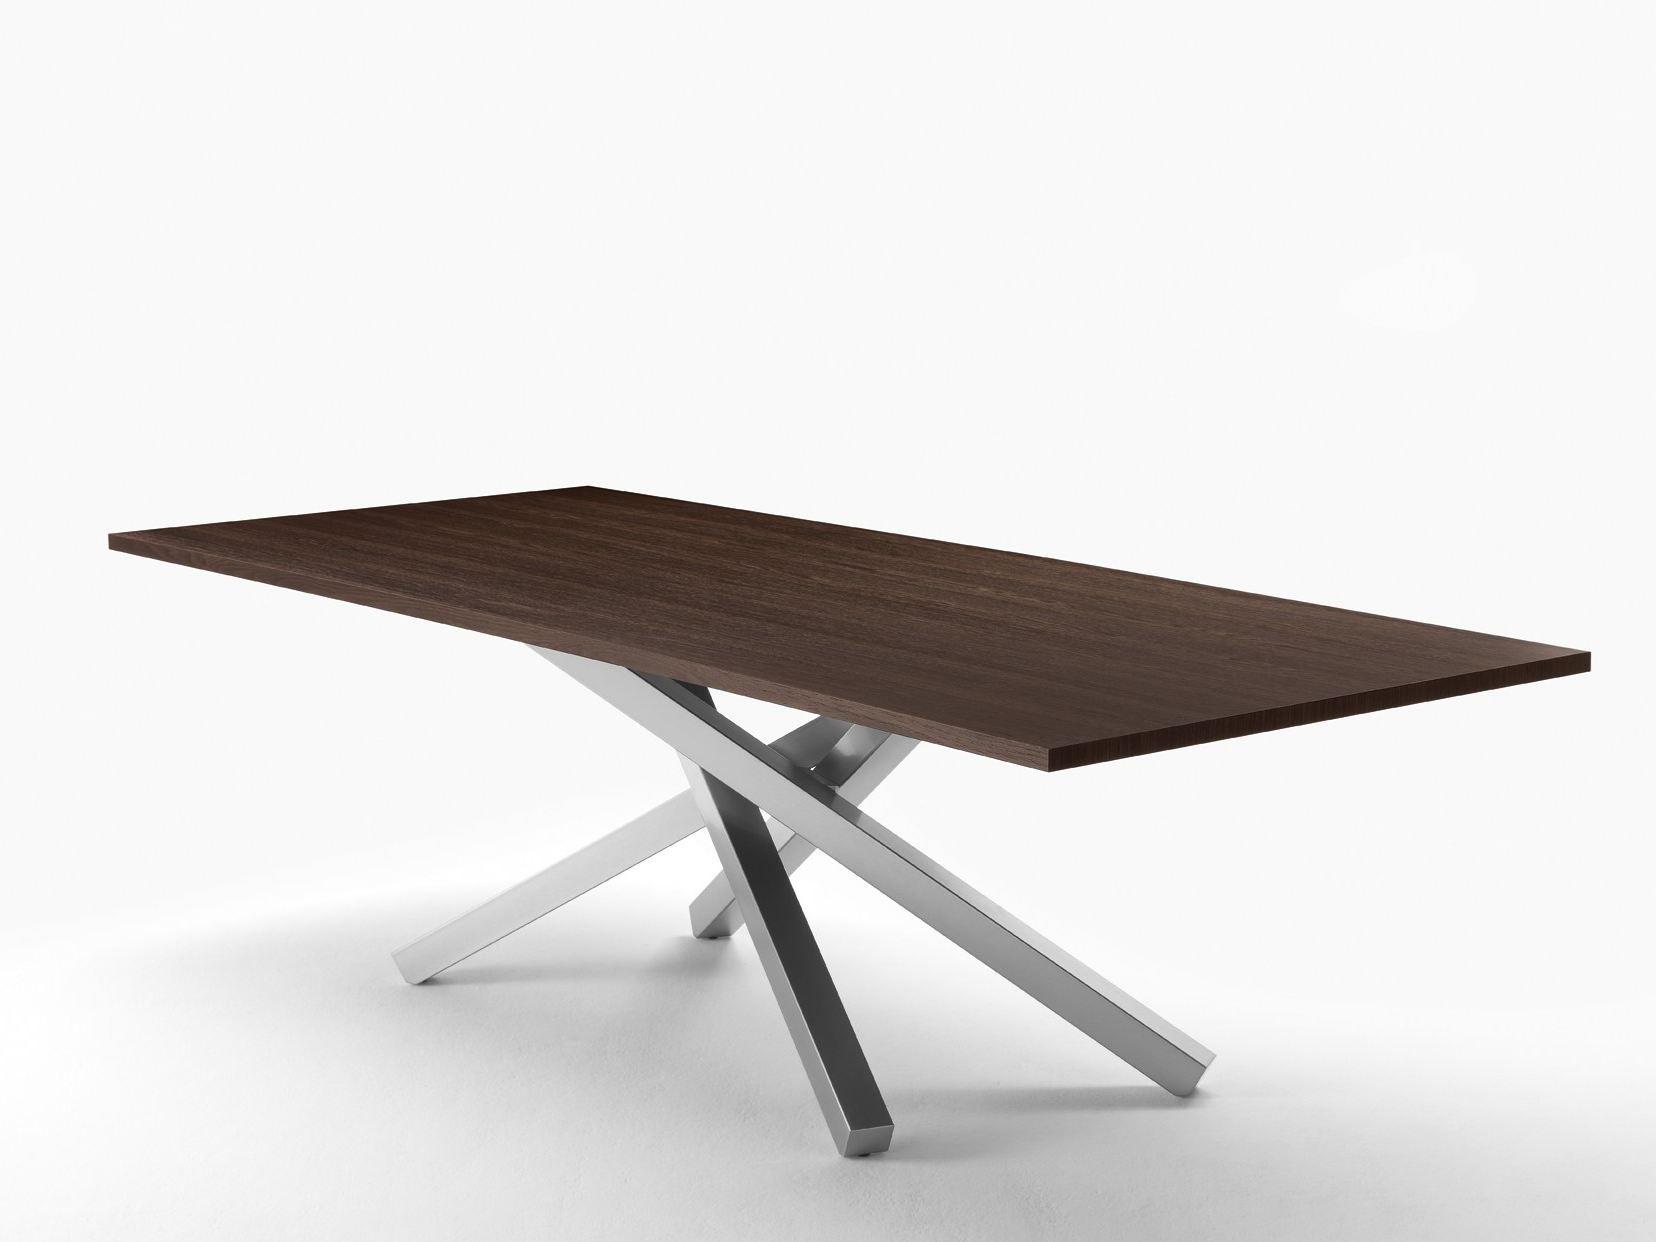 Pechino tavolo in acciaio e legno by midj design studiokappa for Tavoli in legno e acciaio